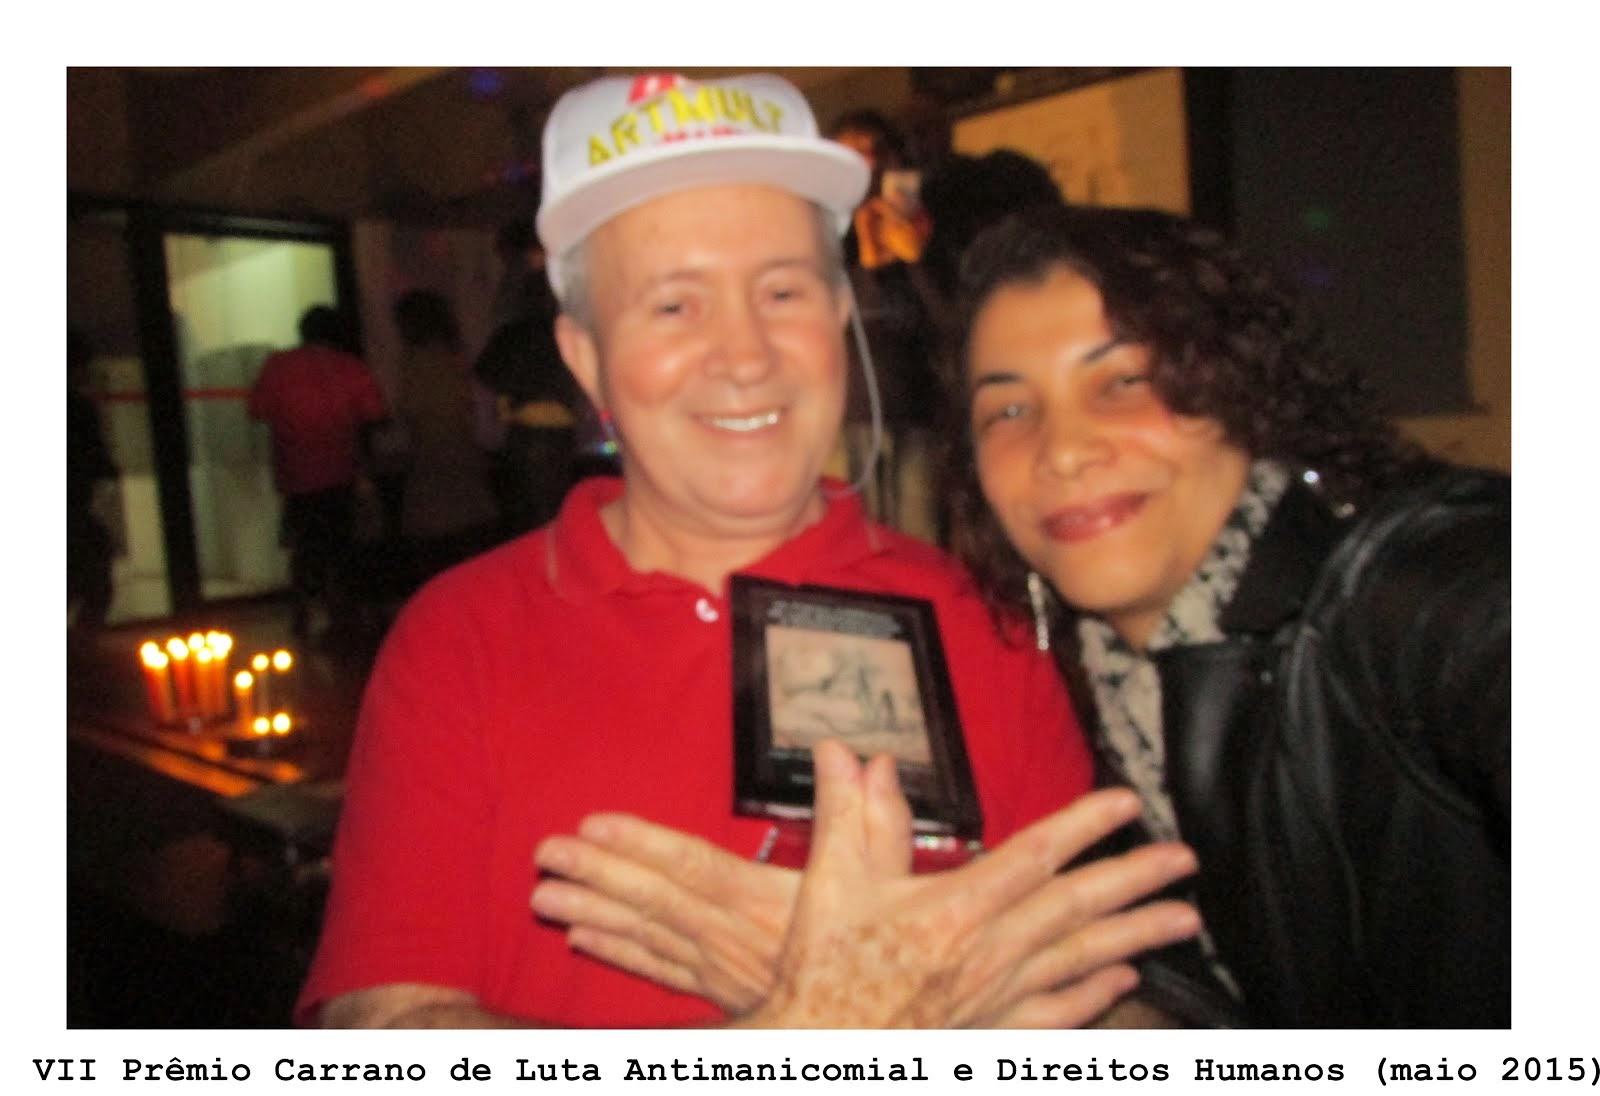 Prêmio Carrano de Luta Antimanicomial e Direitos Humanos